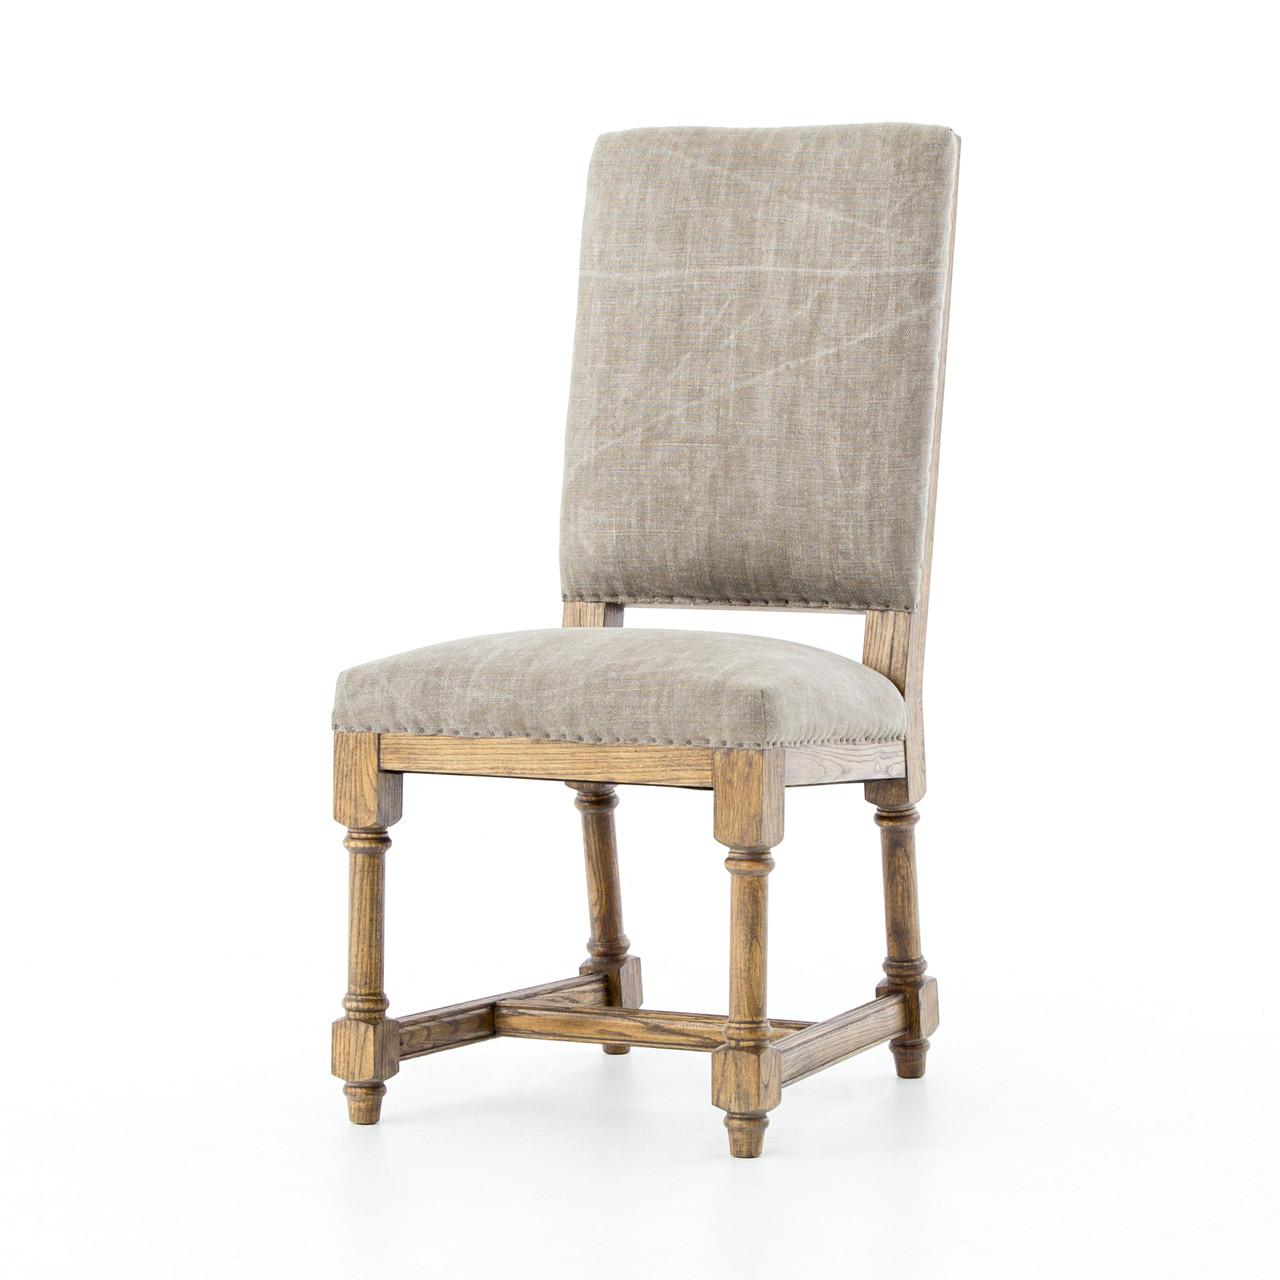 Ashton jute upholstered high back dining chair